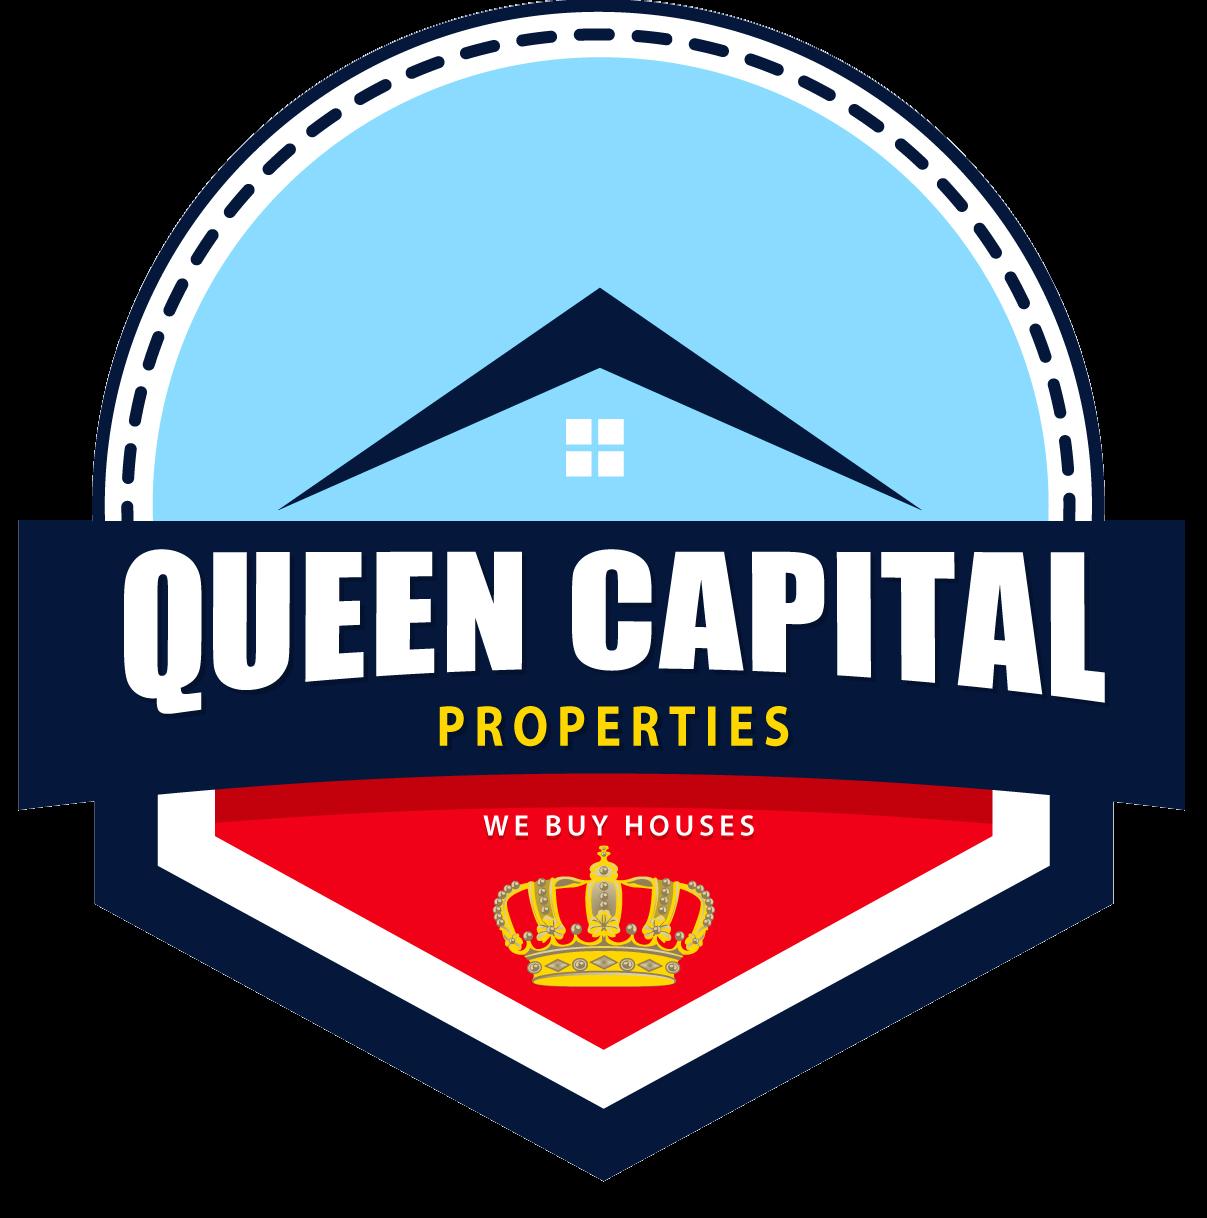 Queen Capital